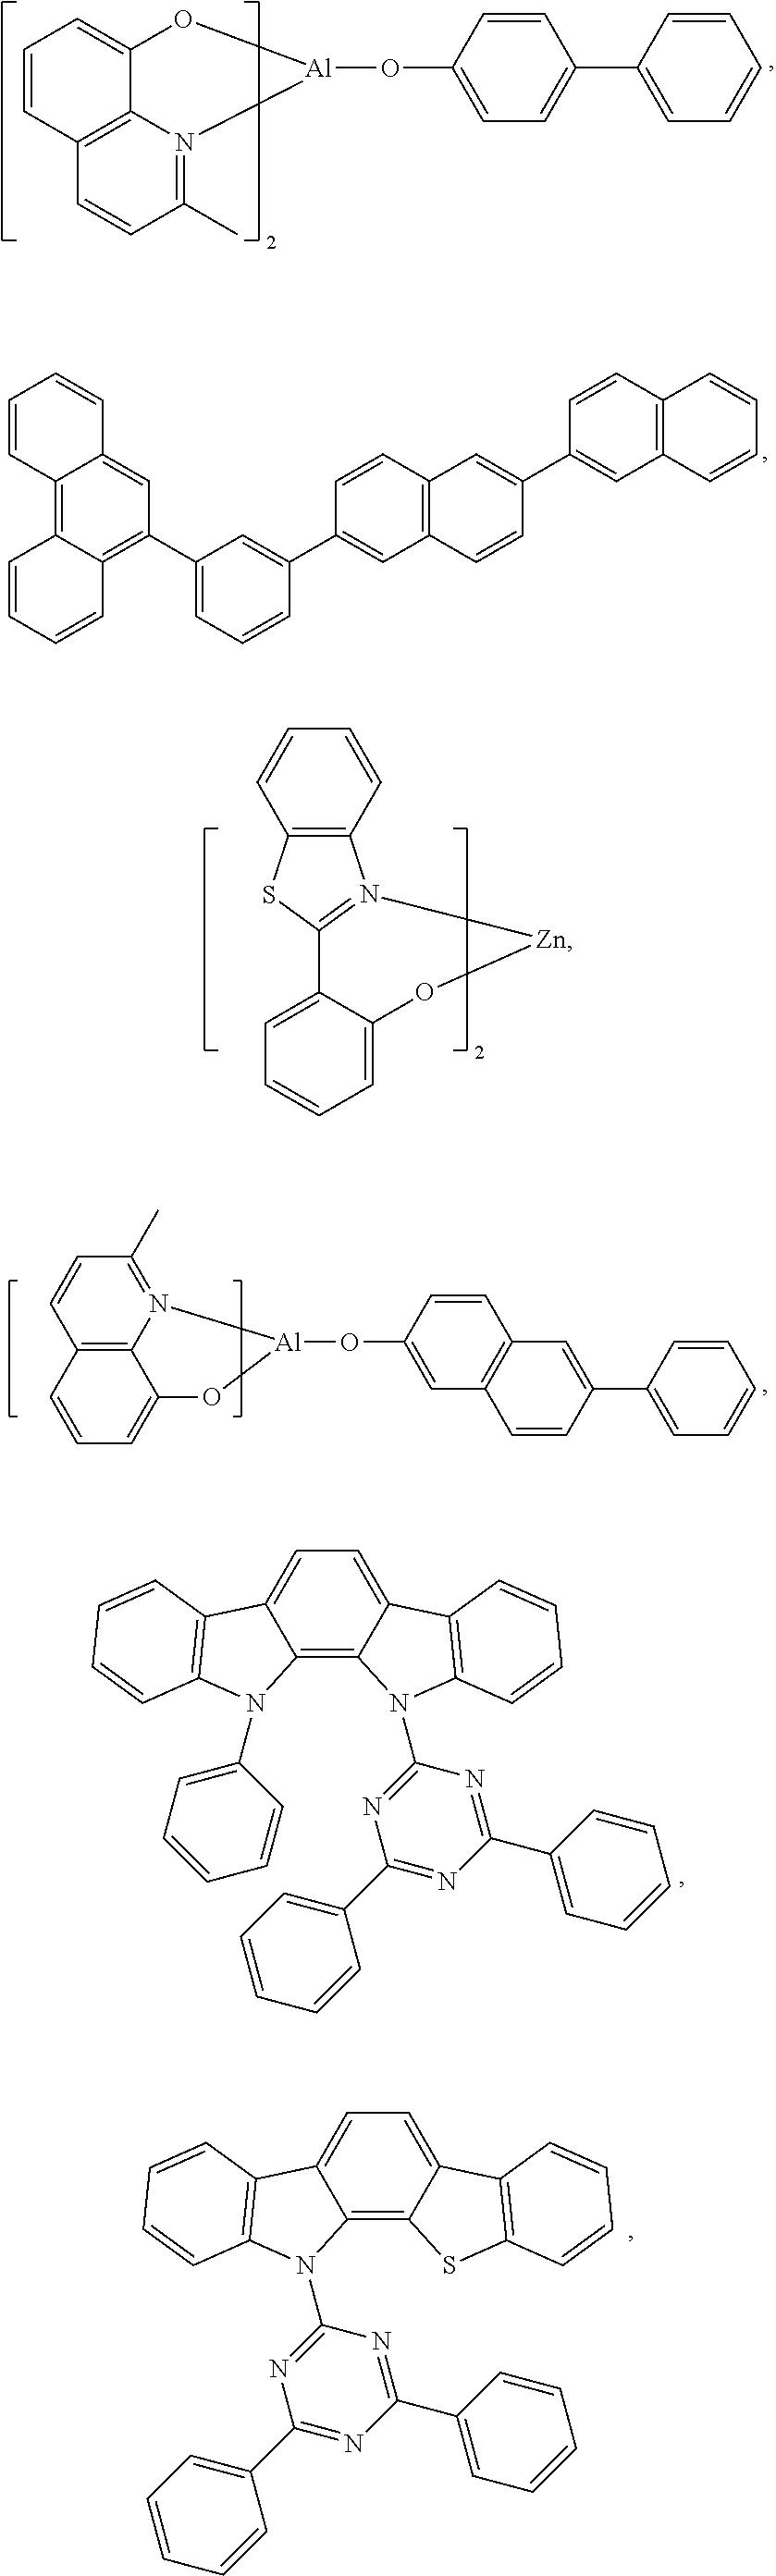 Figure US09670404-20170606-C00013